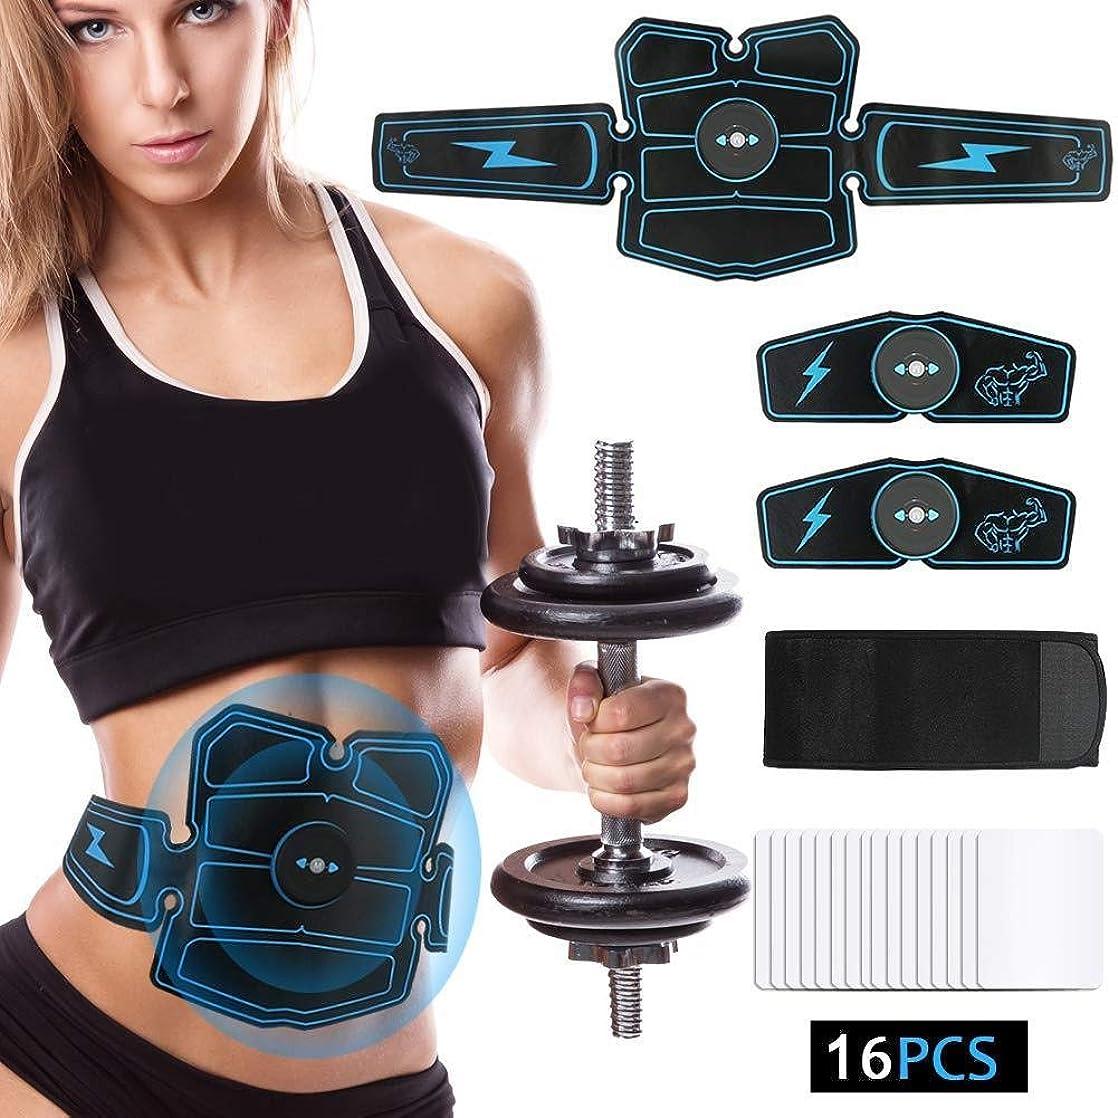 海外増幅器波腹部の筋肉マッサージ、スマートフィットネス機器、エクササイズトレーナー、腰椎運動機器、筋肉ホームパルサー